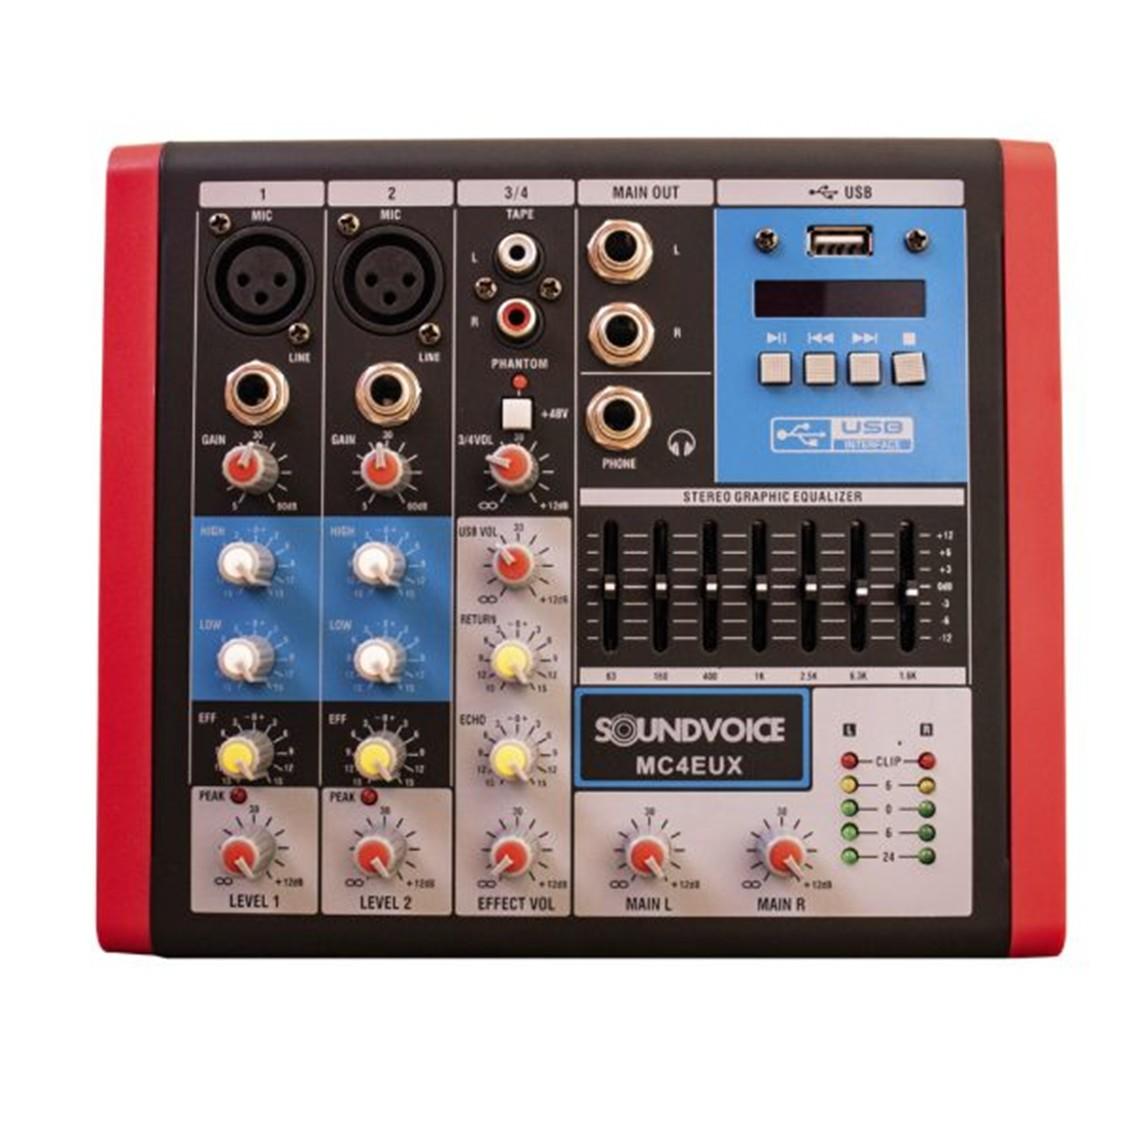 Imagem do produto Mesa de Som Compacta Soundvoice 4 Canais MC-4 EUX